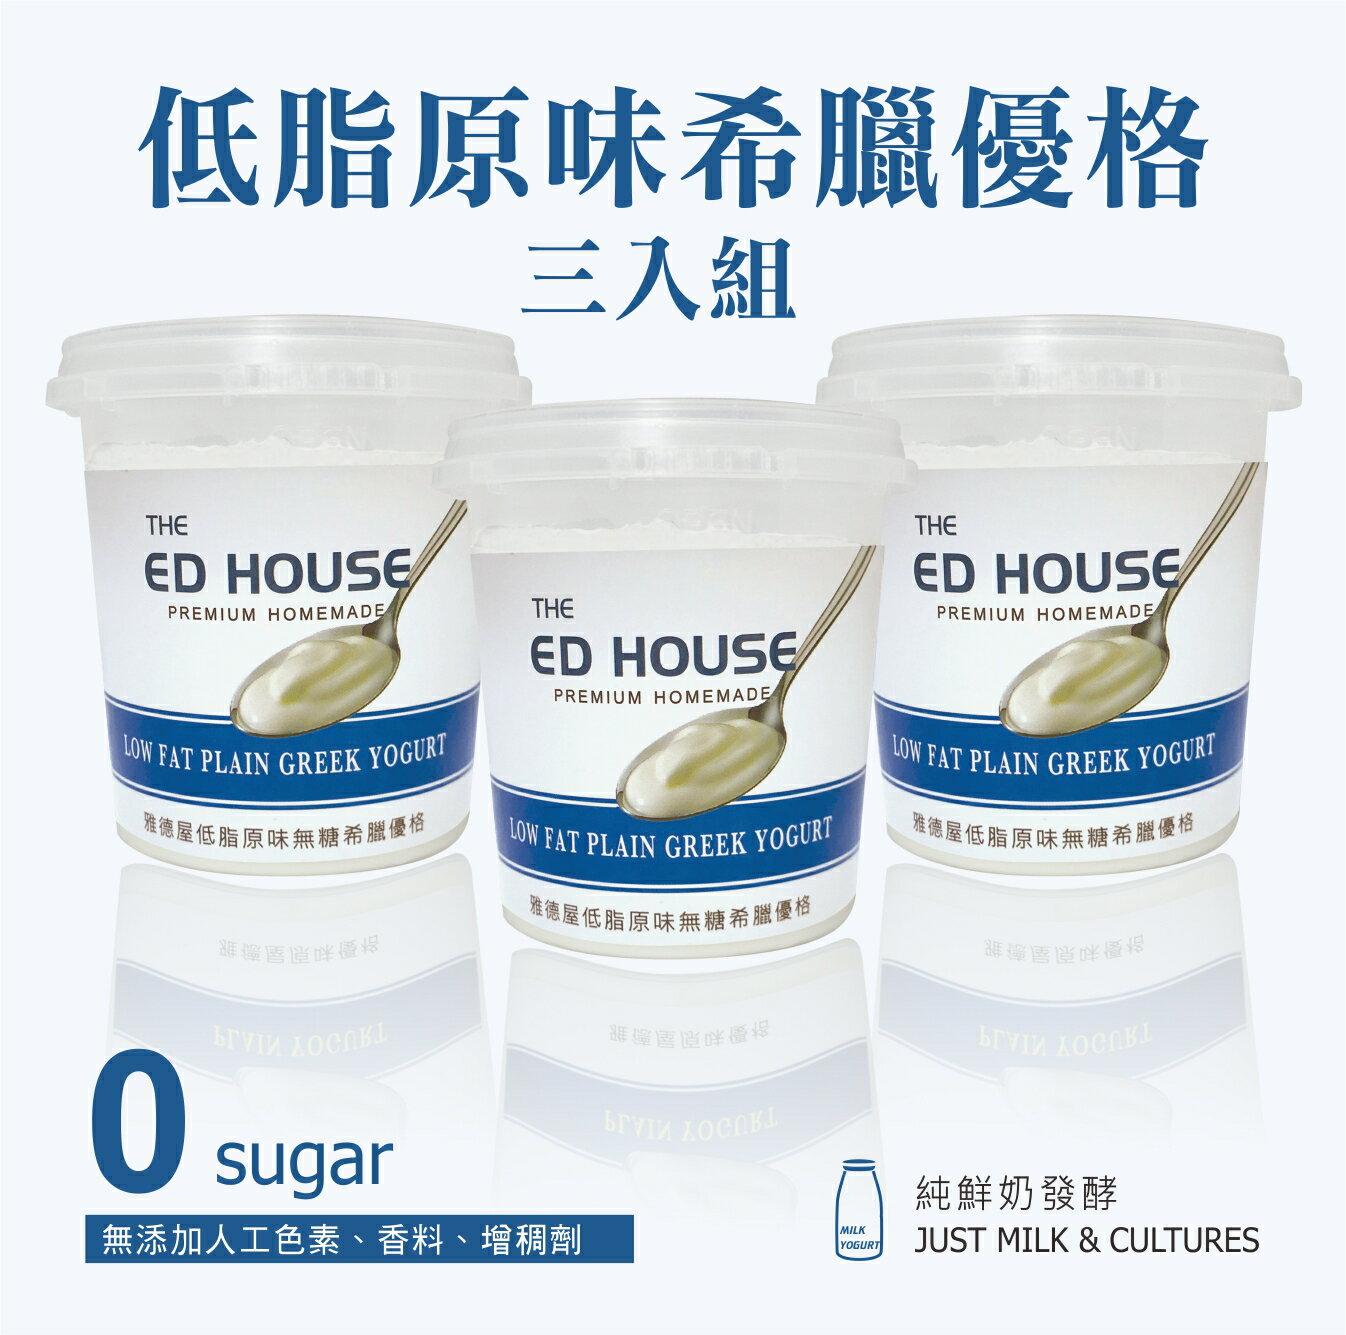 低脂原味無糖希臘優格【獨享杯】3入組  140g/杯  健康 腸胃 水切優格 低熱量